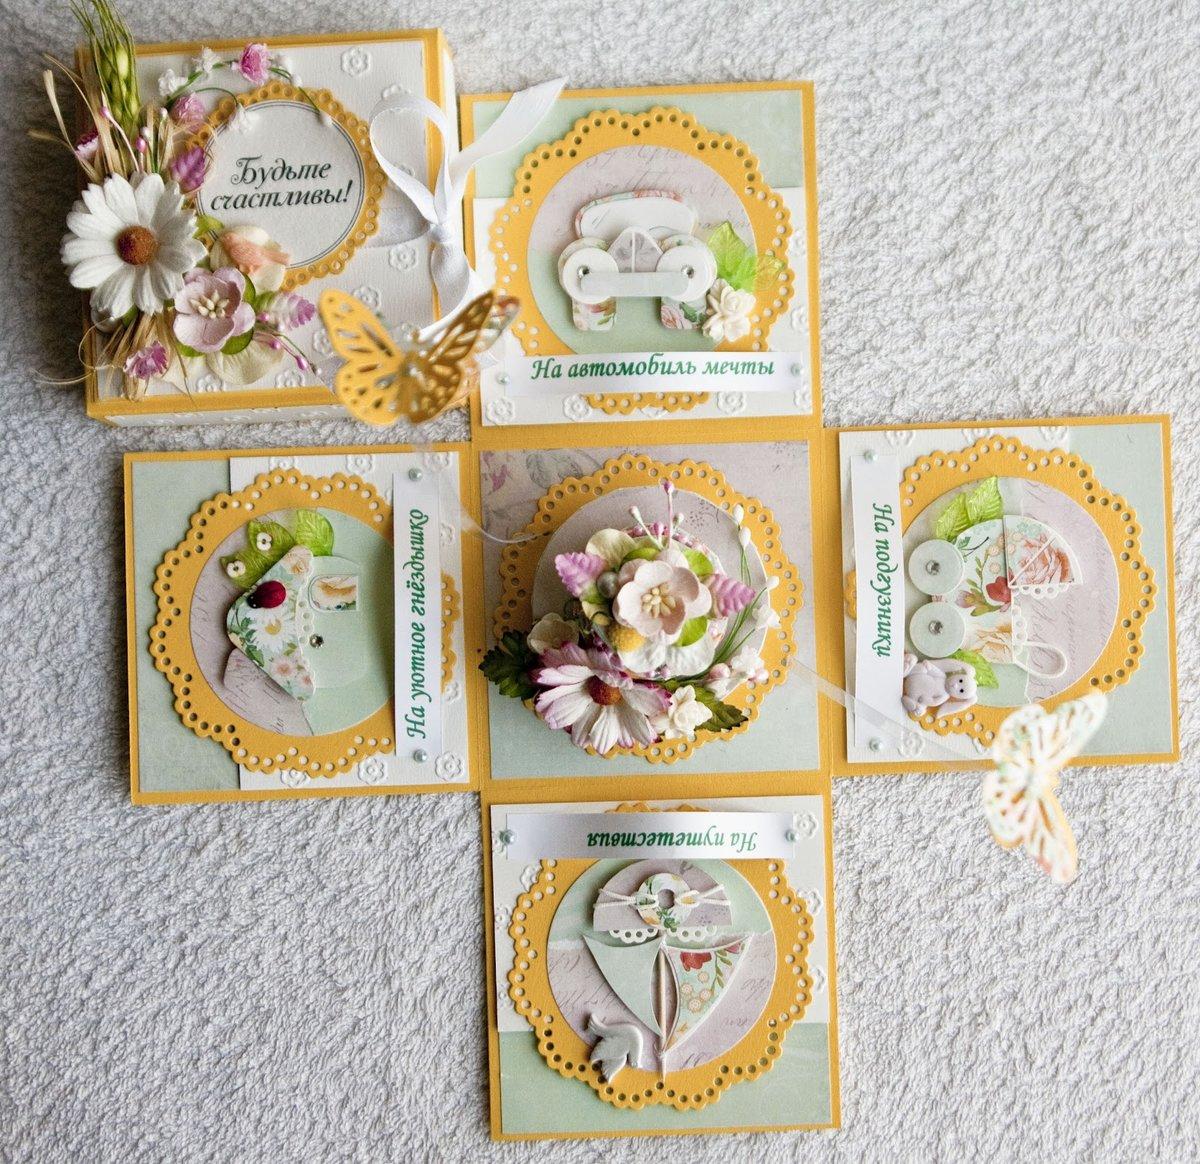 Открытки коробочки на свадьбу скрапбукинг, открытки коллеге днем